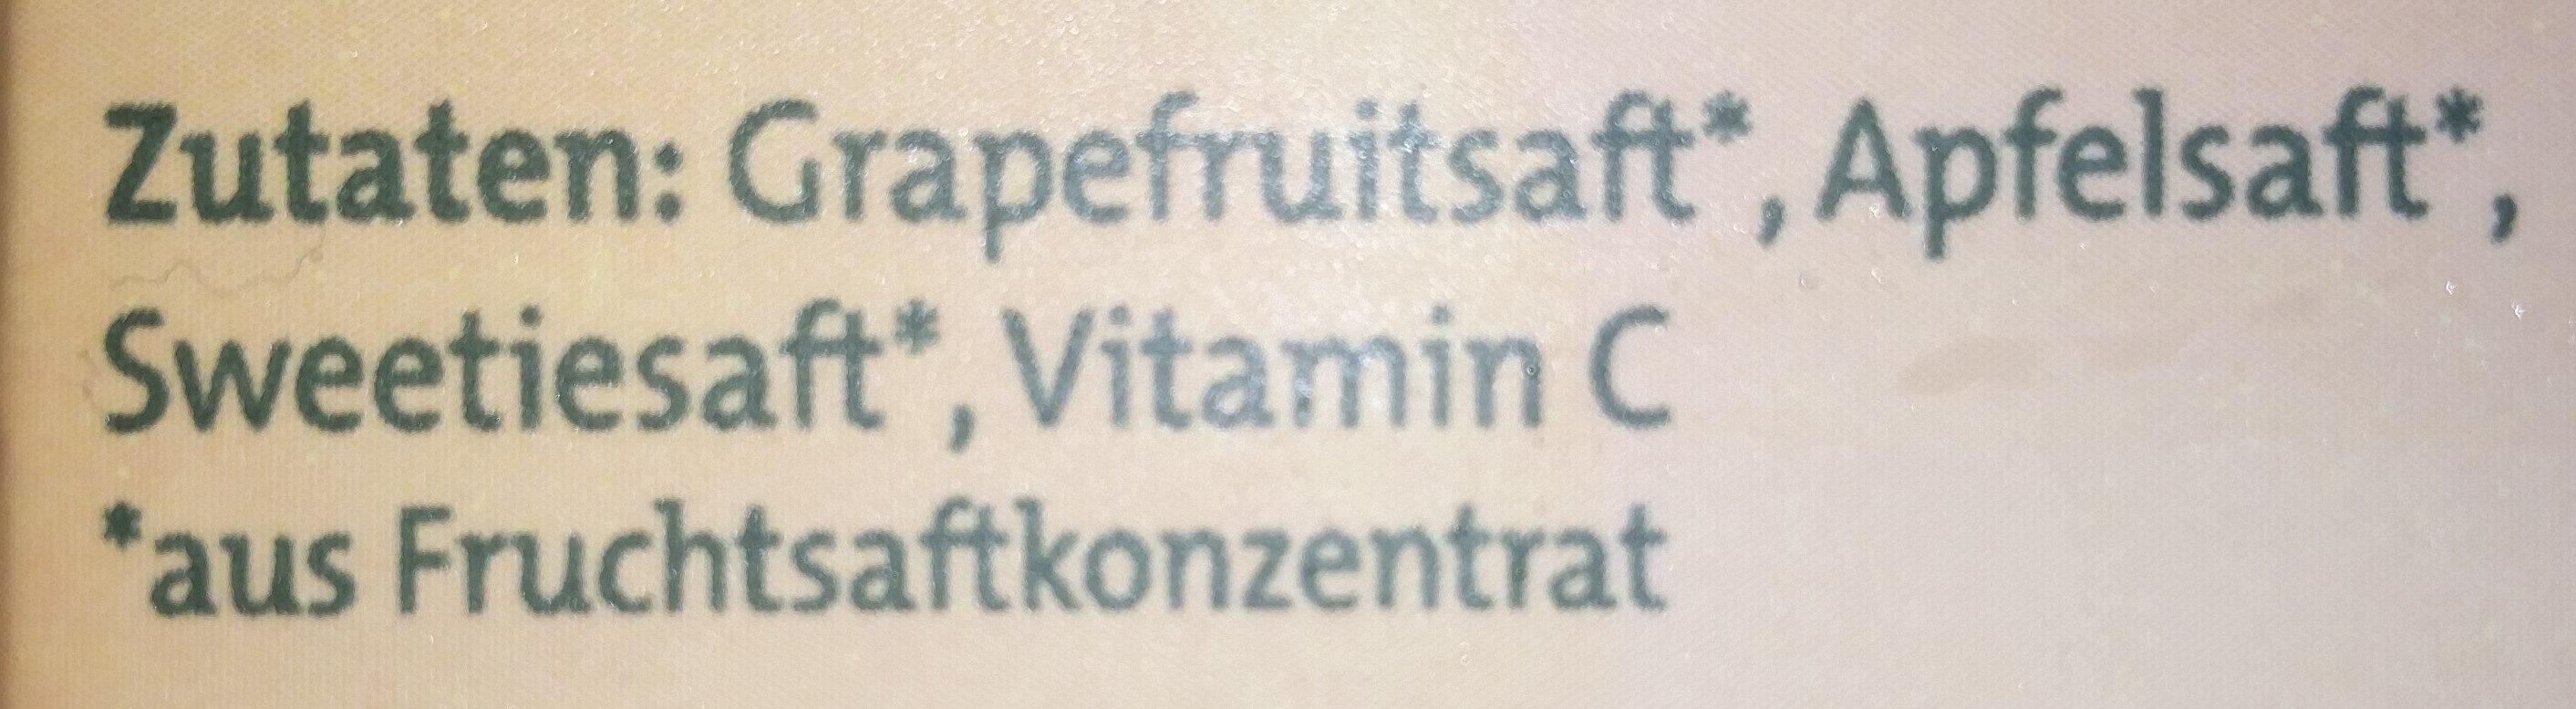 Sanfte Säfte Pink Grapefruit-Apfel-Sweetie - Zutaten - de